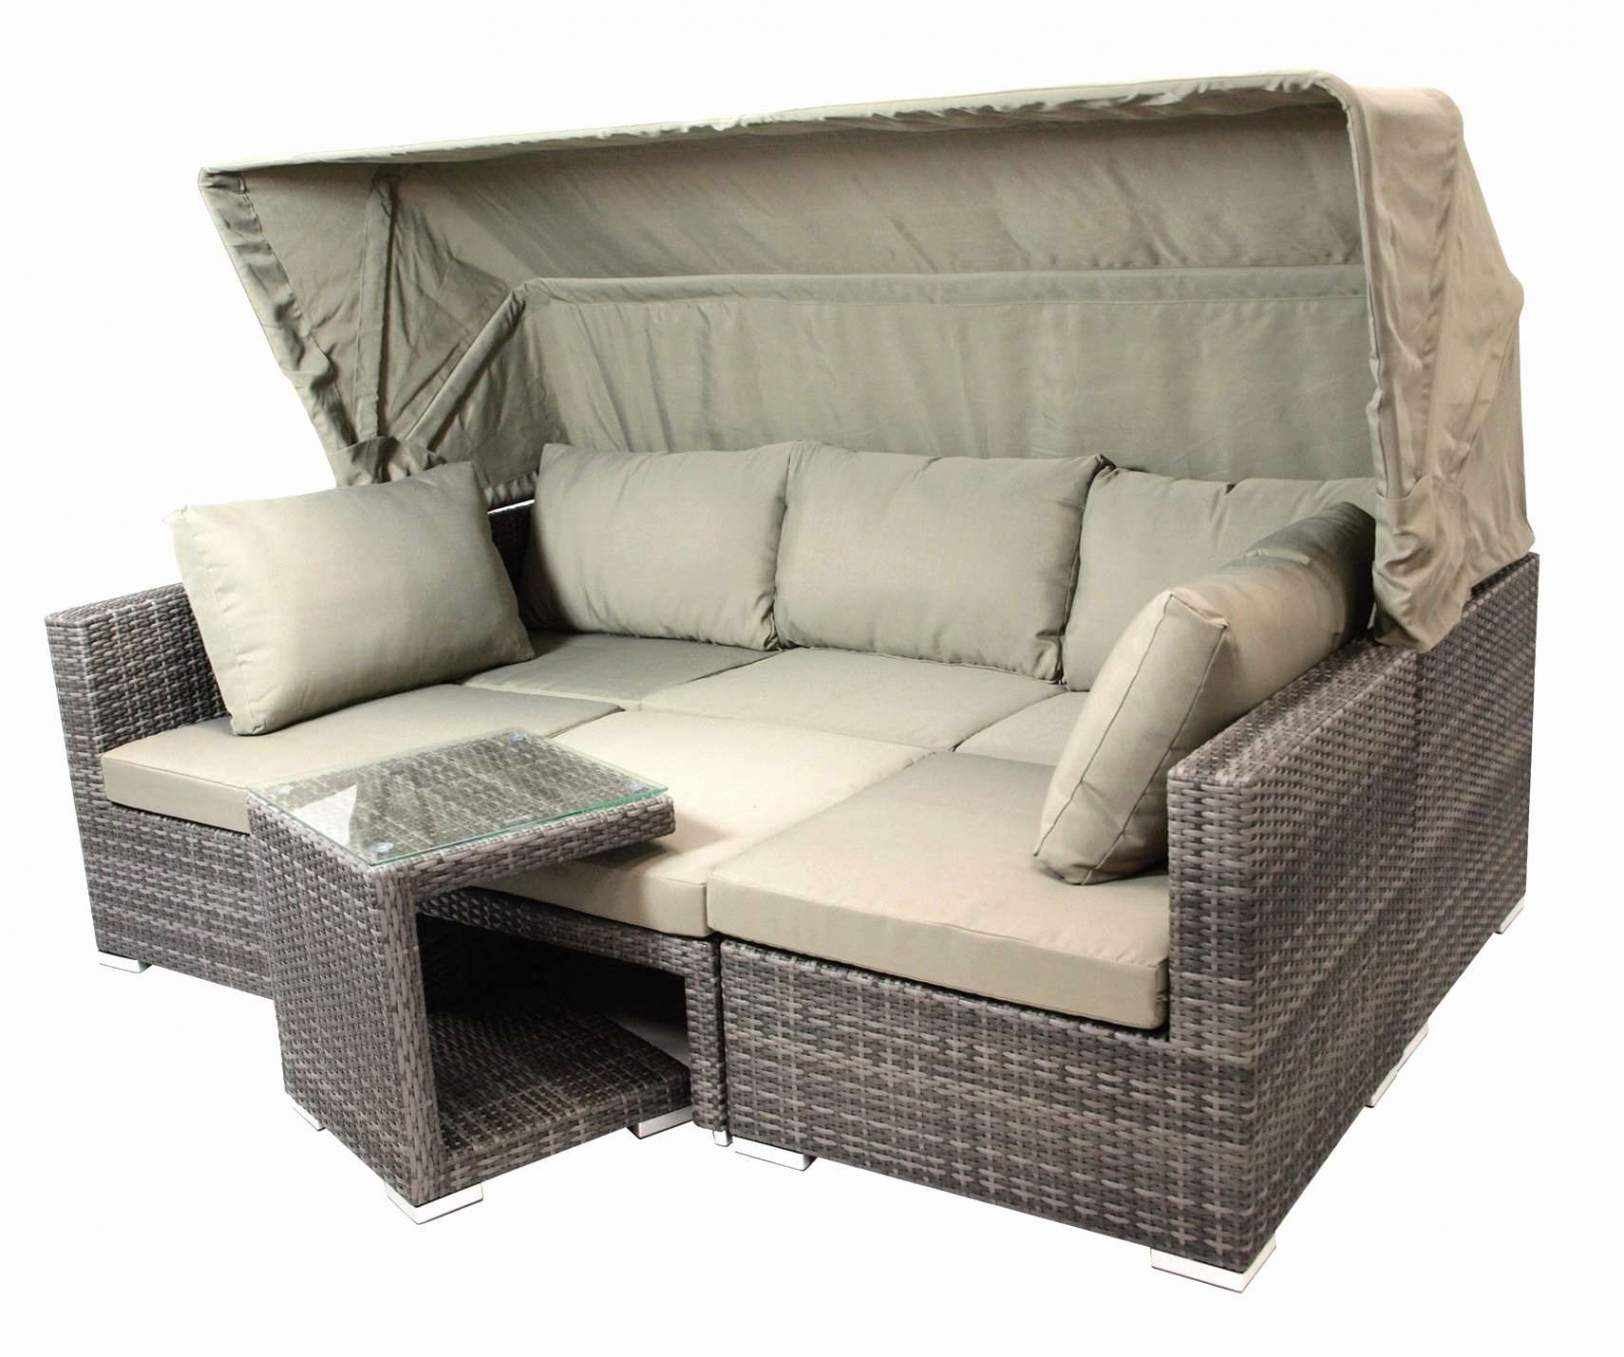 21 elegant sichtschutz selber machen gunstig foto outdoor lounge selber bauen outdoor lounge selber bauen